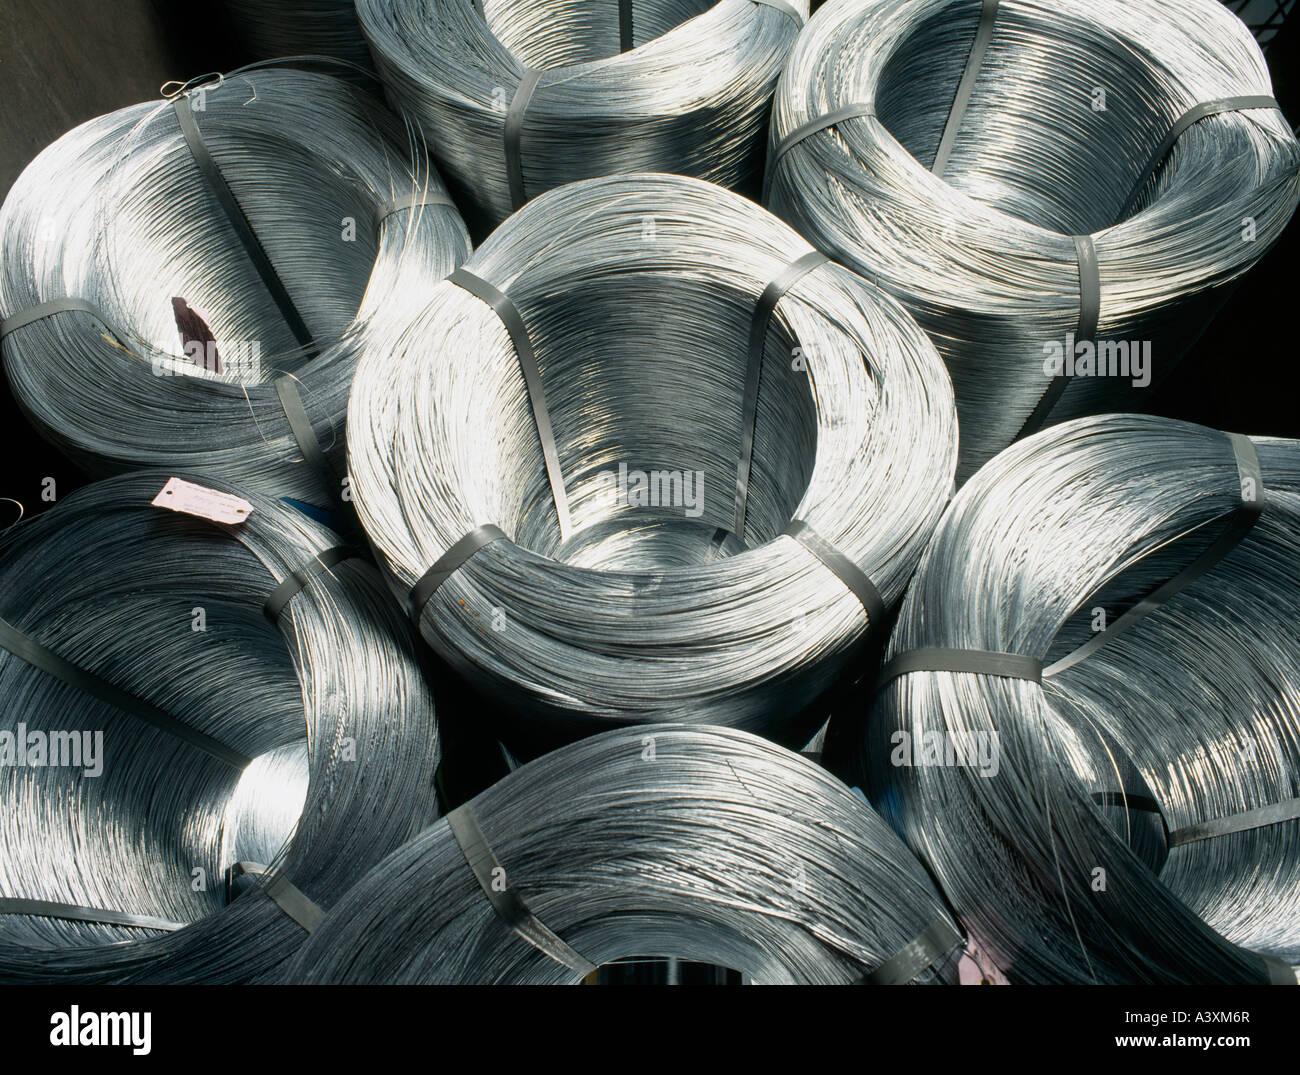 Coils Of Wire Stockfotos & Coils Of Wire Bilder - Seite 7 - Alamy